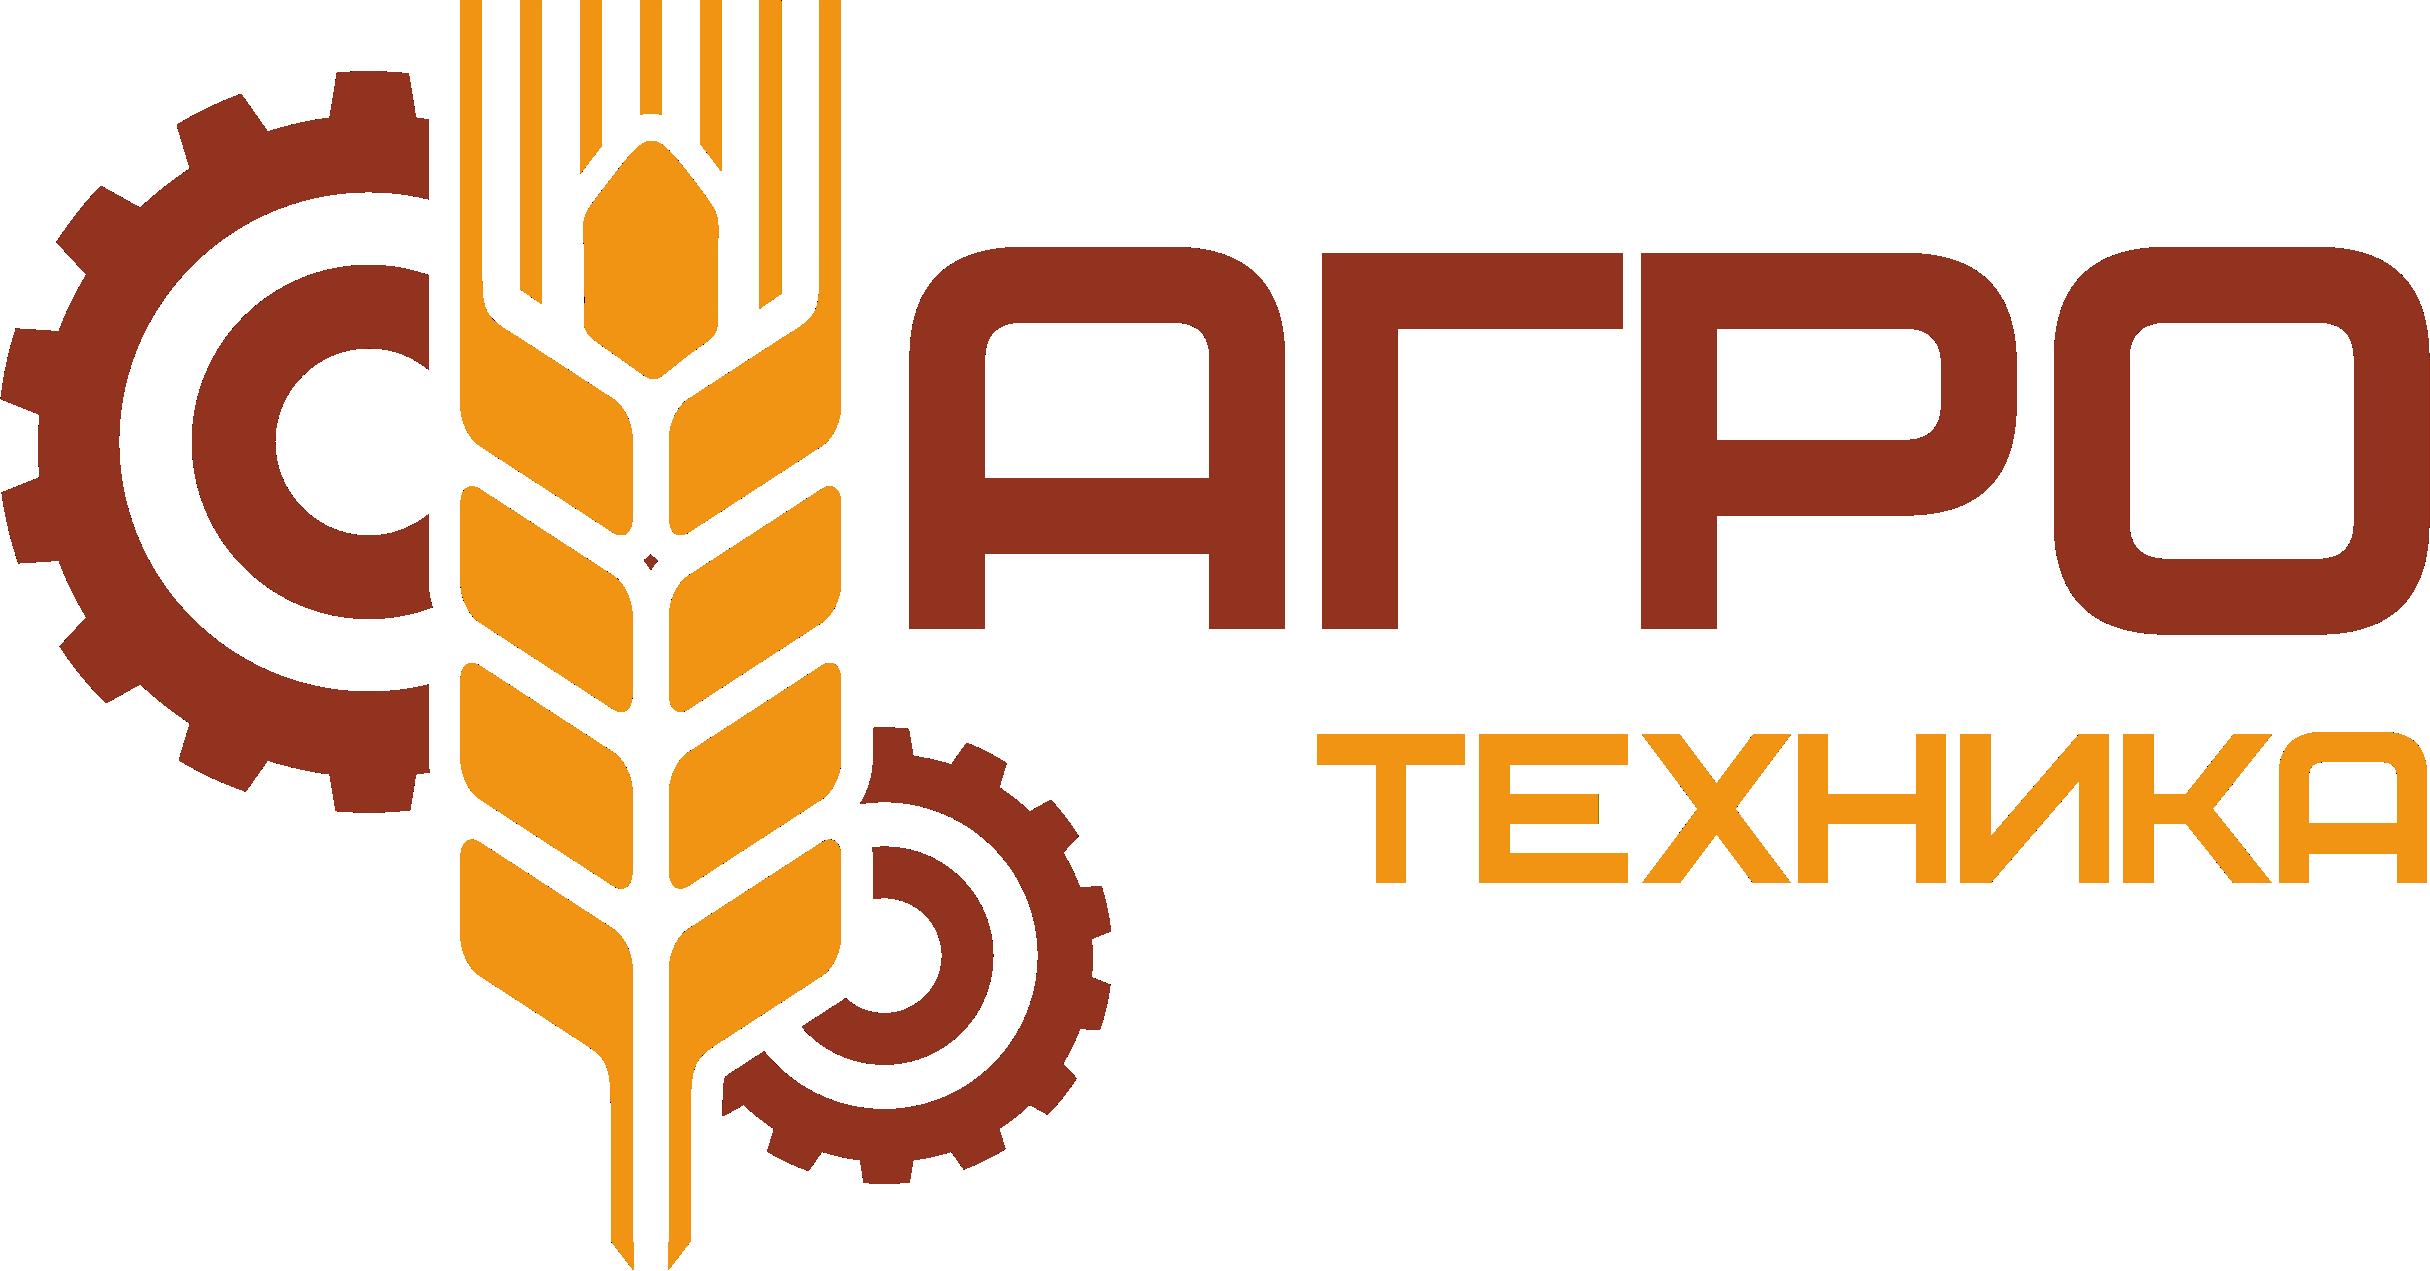 Разработка логотипа для компании Агротехника фото f_6355c0685e7287c3.png